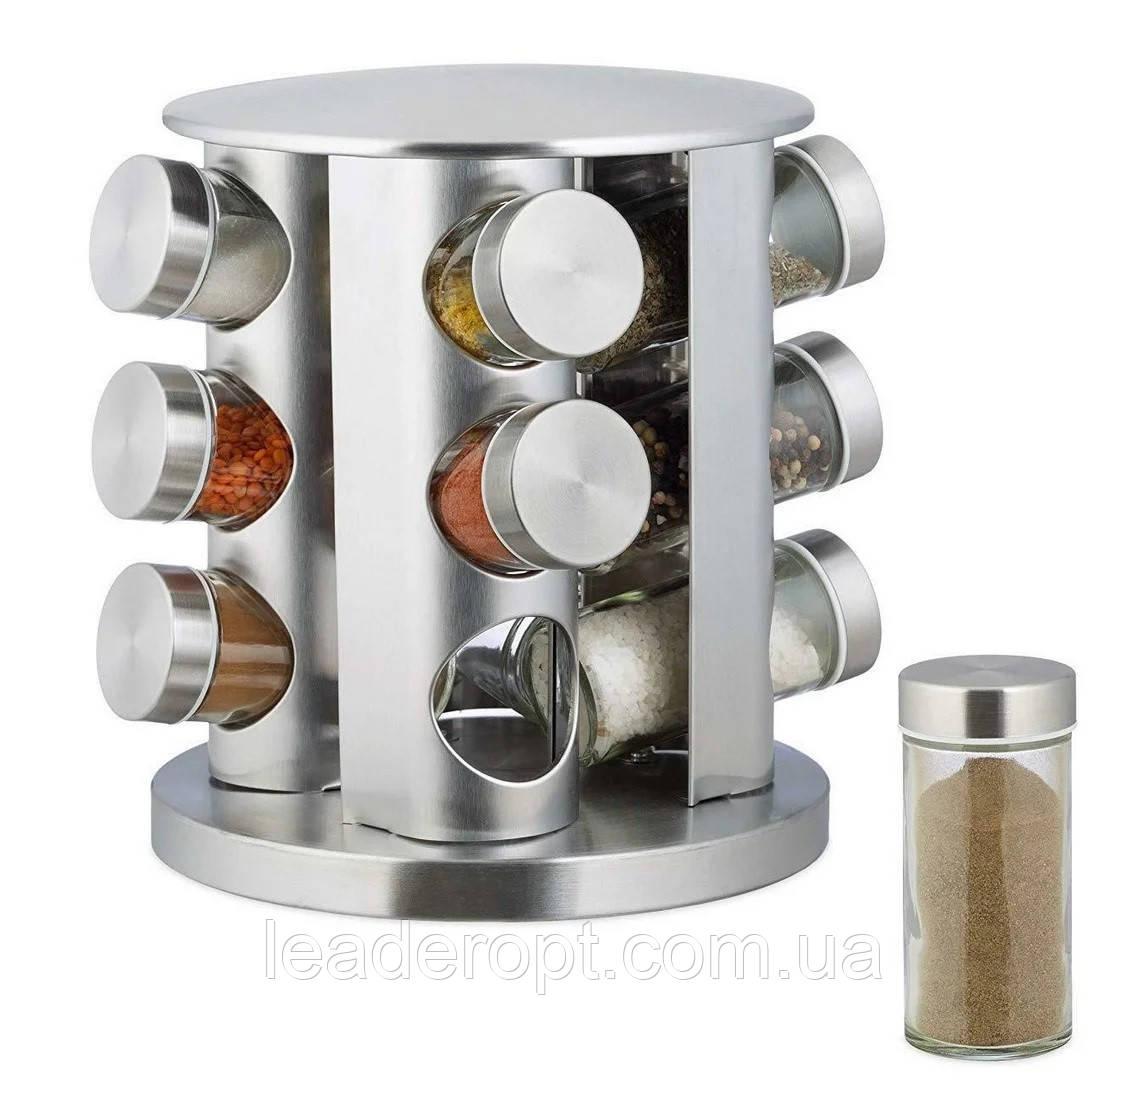 ОПТ Набор для специй Spice carousel 12 емкостей